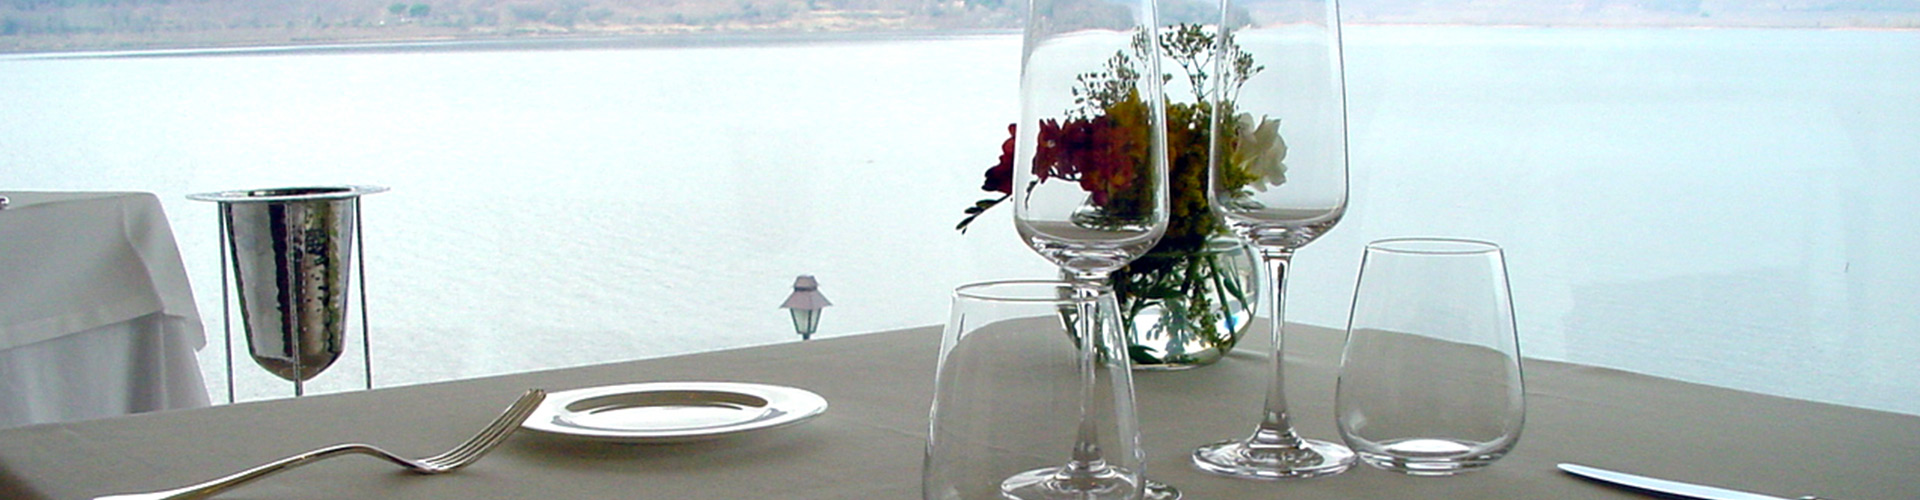 Non troverete posto migliore per una cena romantica.